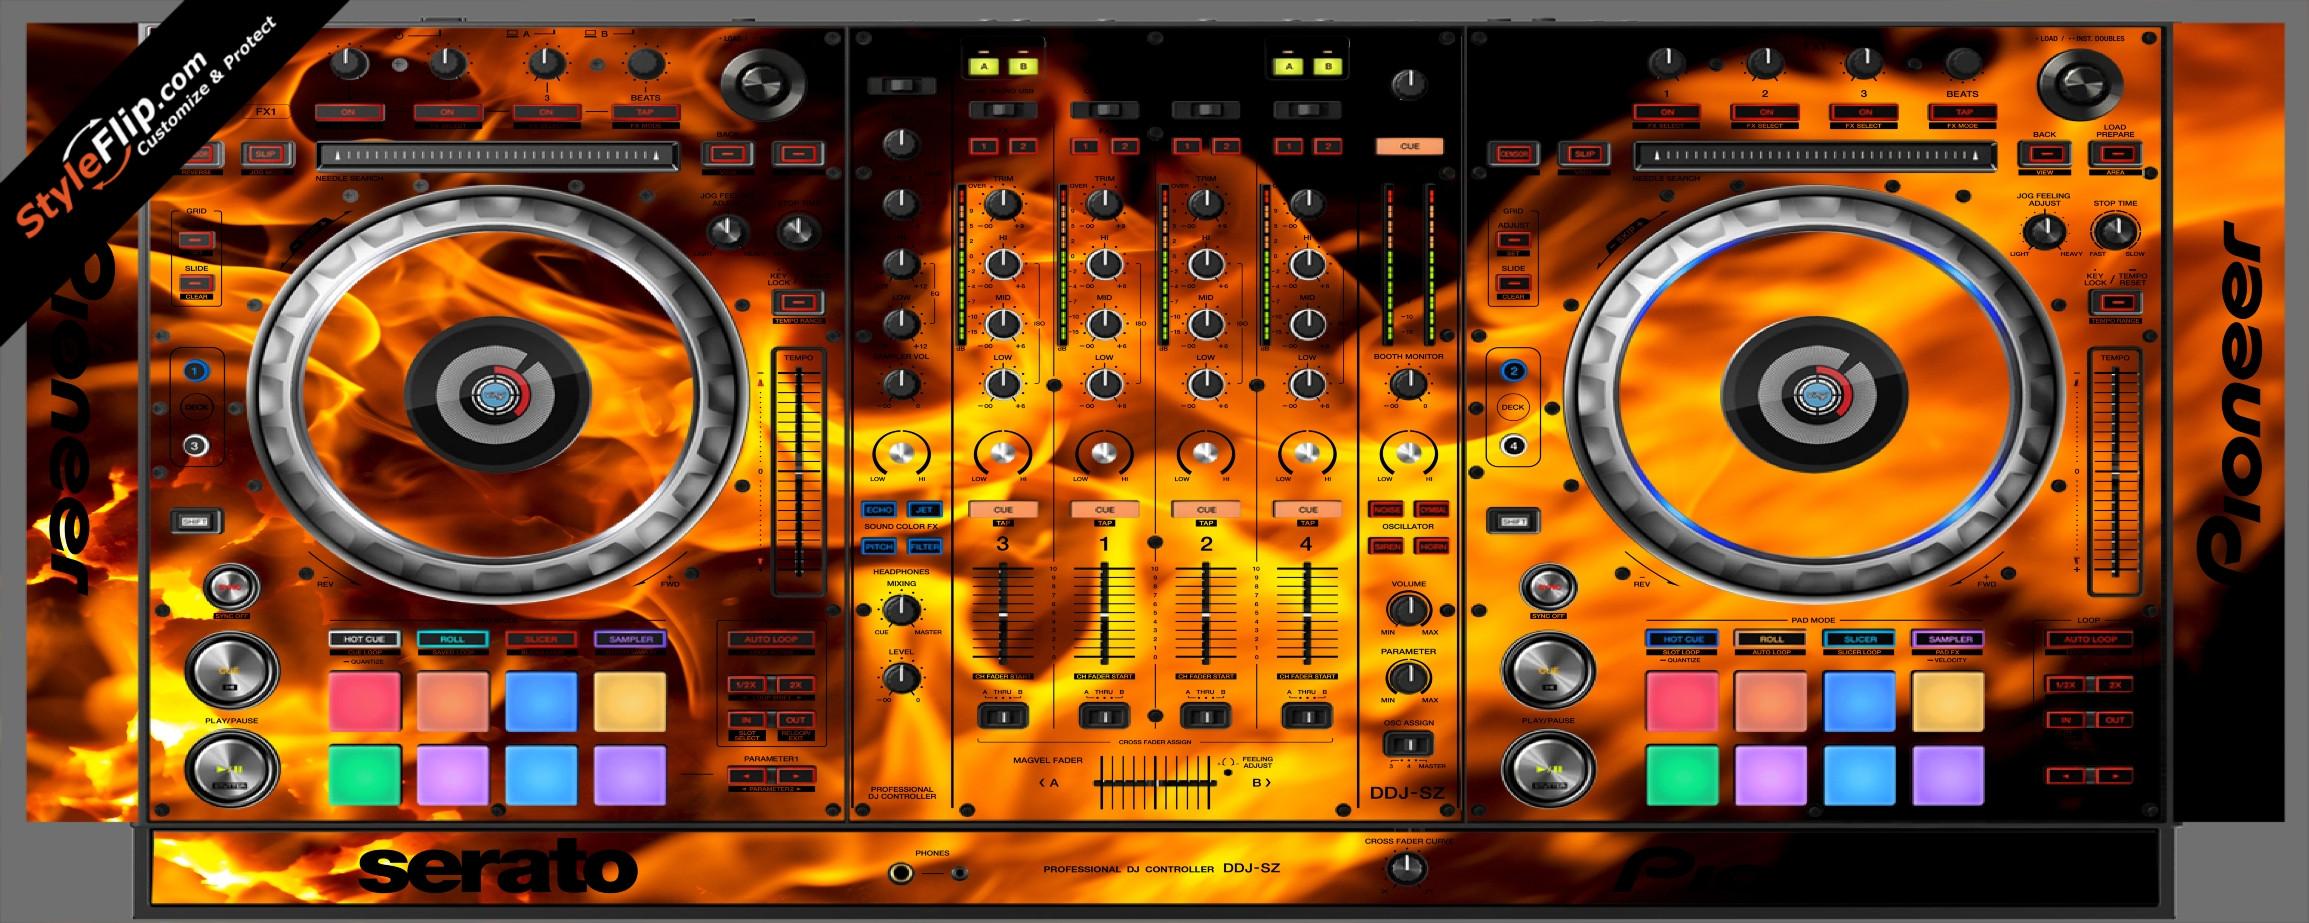 Hot Stuff  Pioneer DDJ-SZ